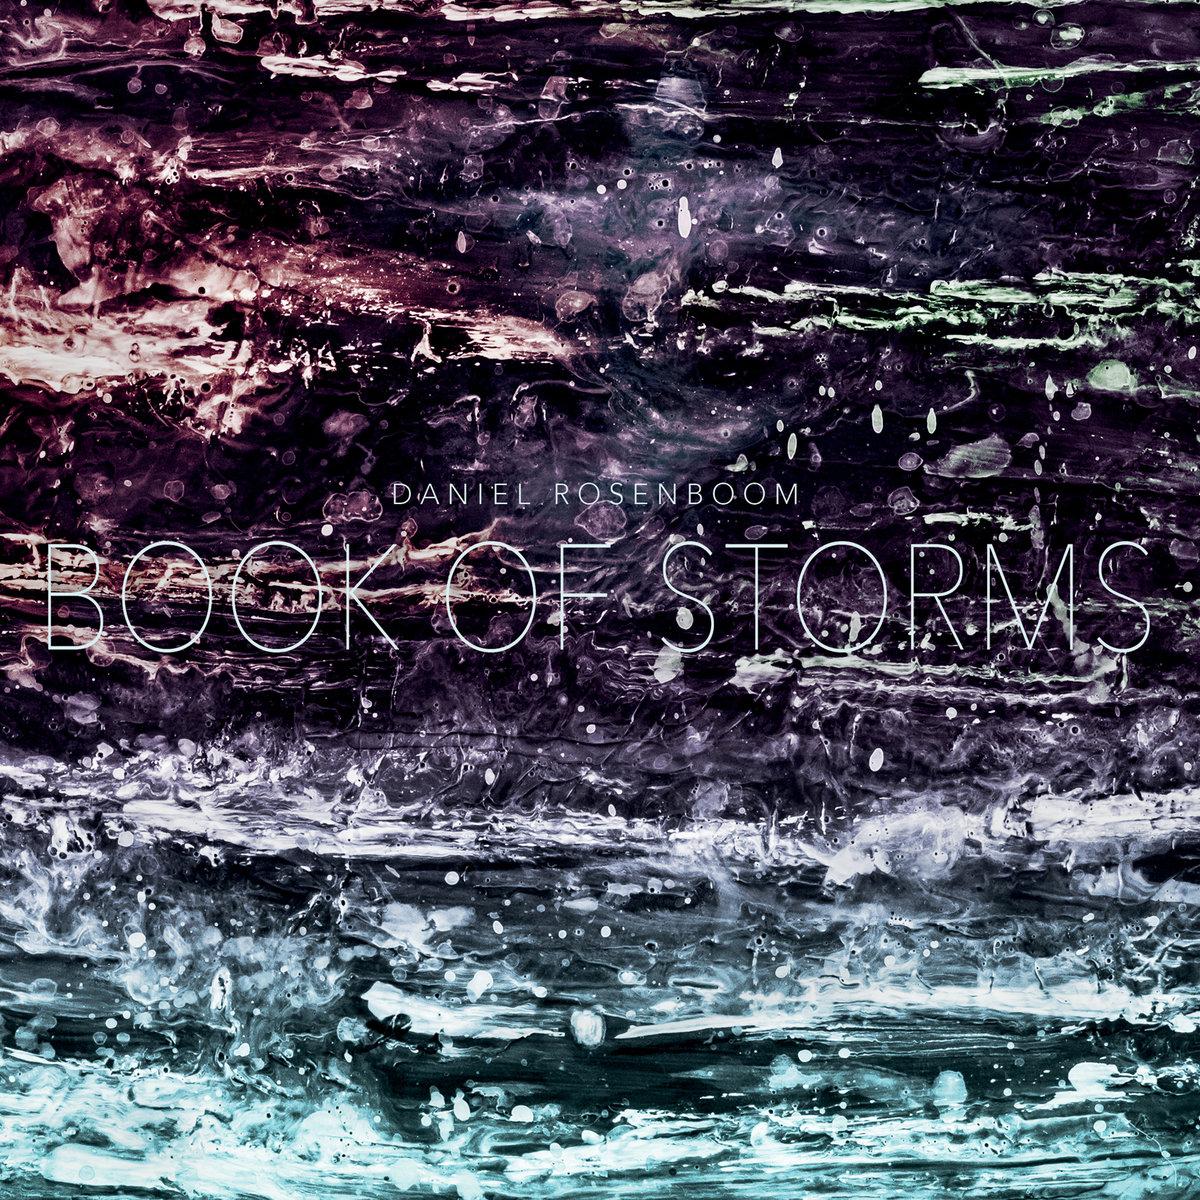 Daniel Rosenboom | Book of Storms